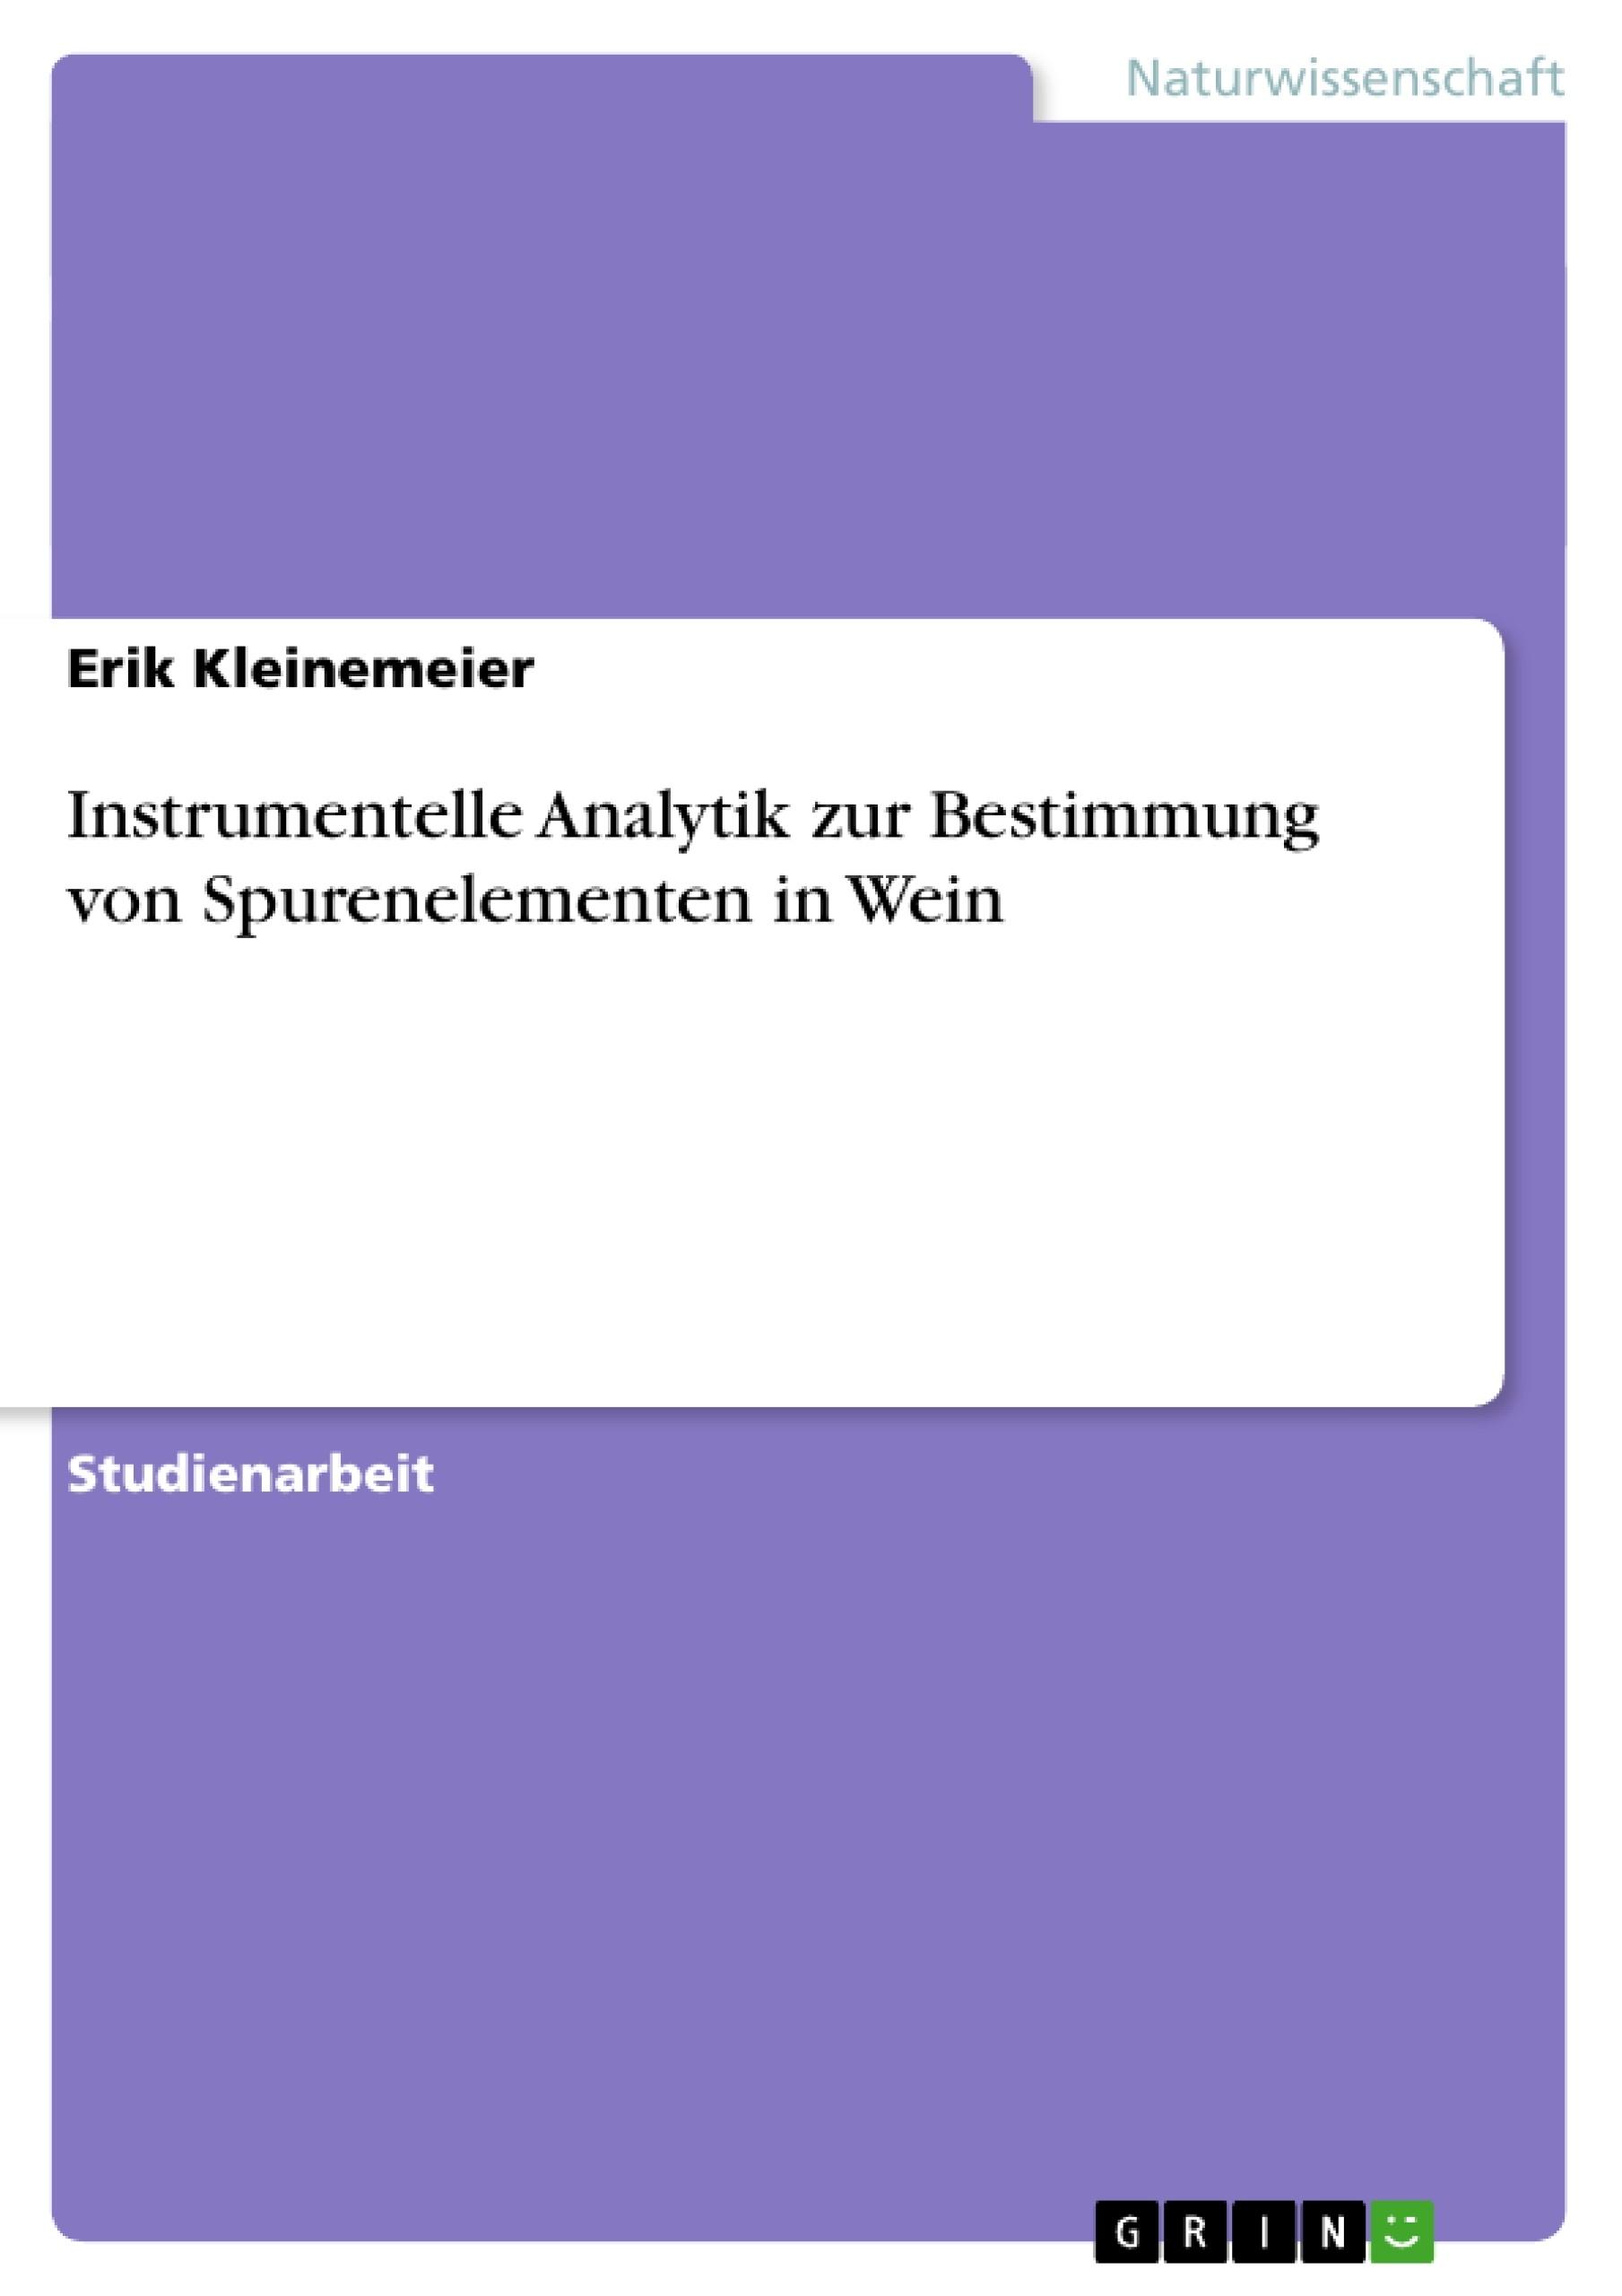 Titel: Instrumentelle Analytik zur Bestimmung von Spurenelementen in Wein